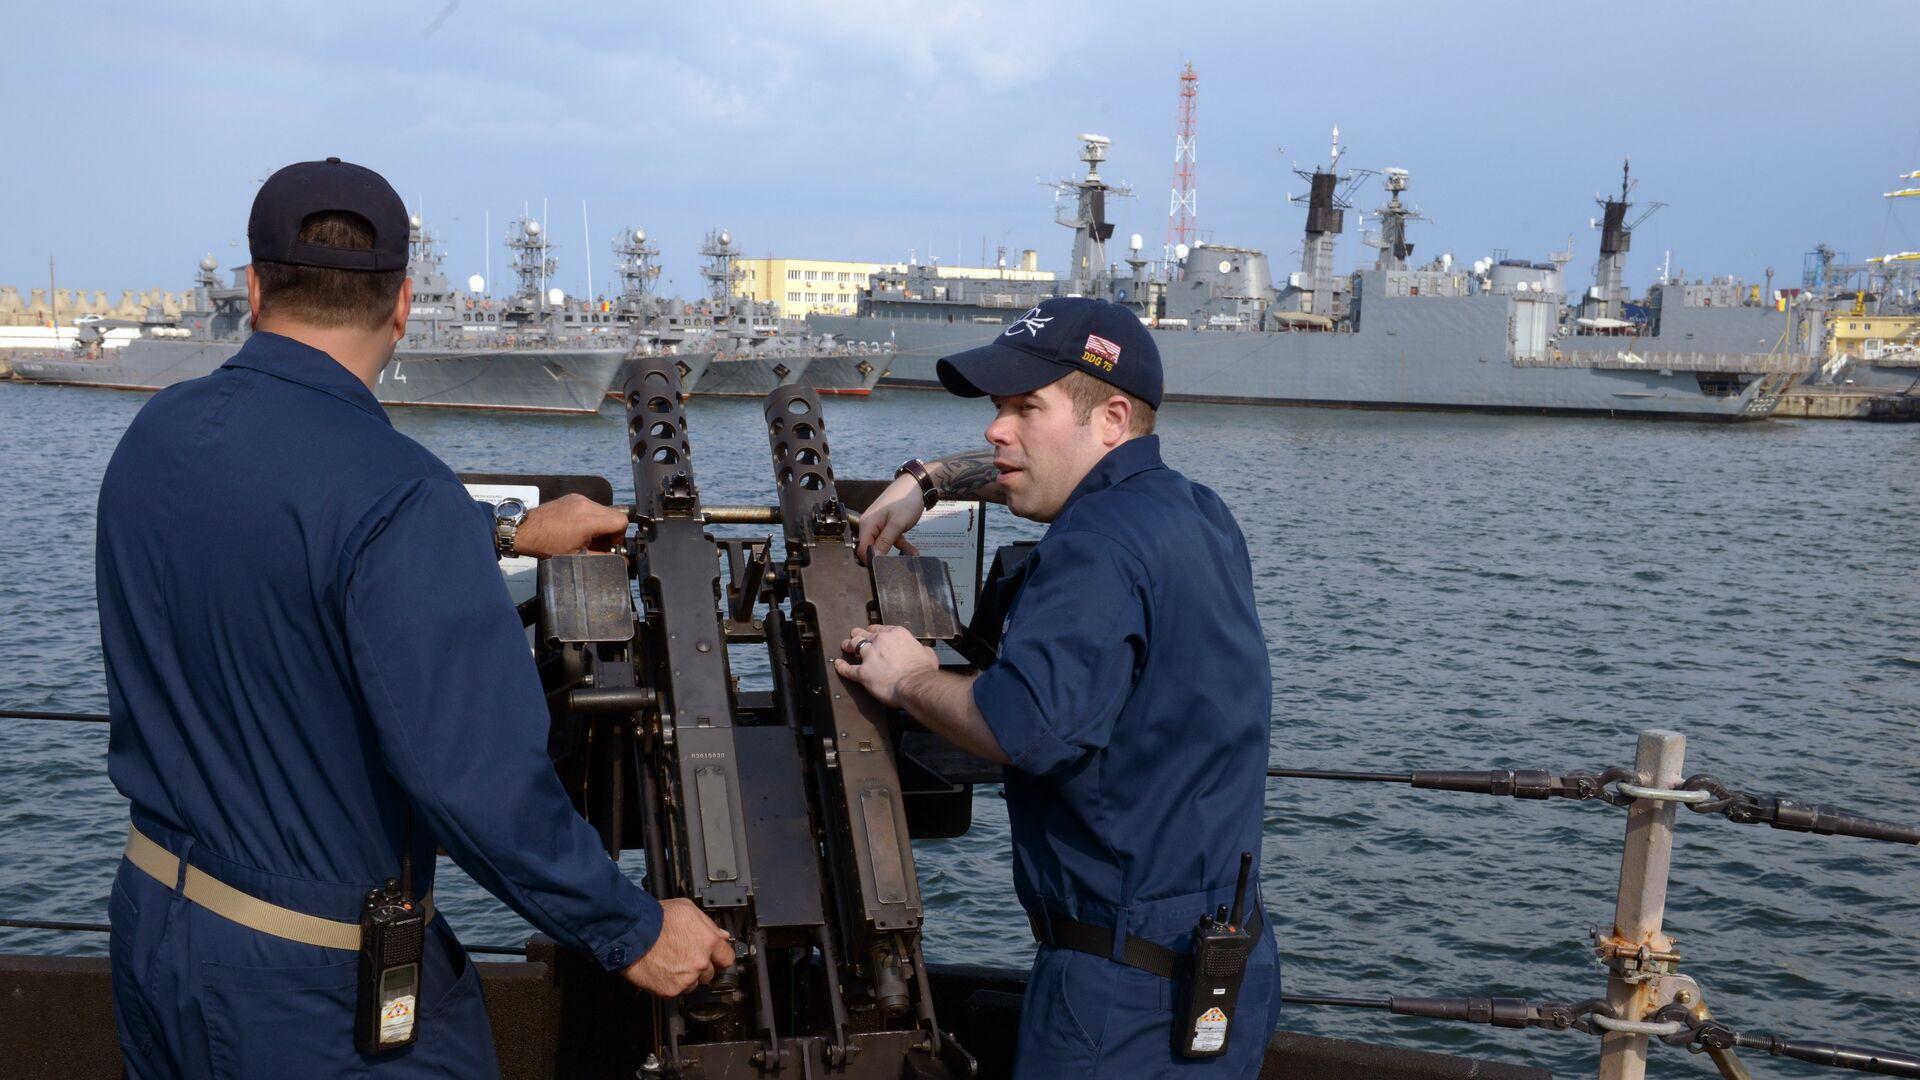 Personal de la Marina de EEUU a bordo del destructor USS Donald Cook en el astillero Constanta, en el puerto rumano con salida al mar Negro - Sputnik Mundo, 1920, 09.04.2021